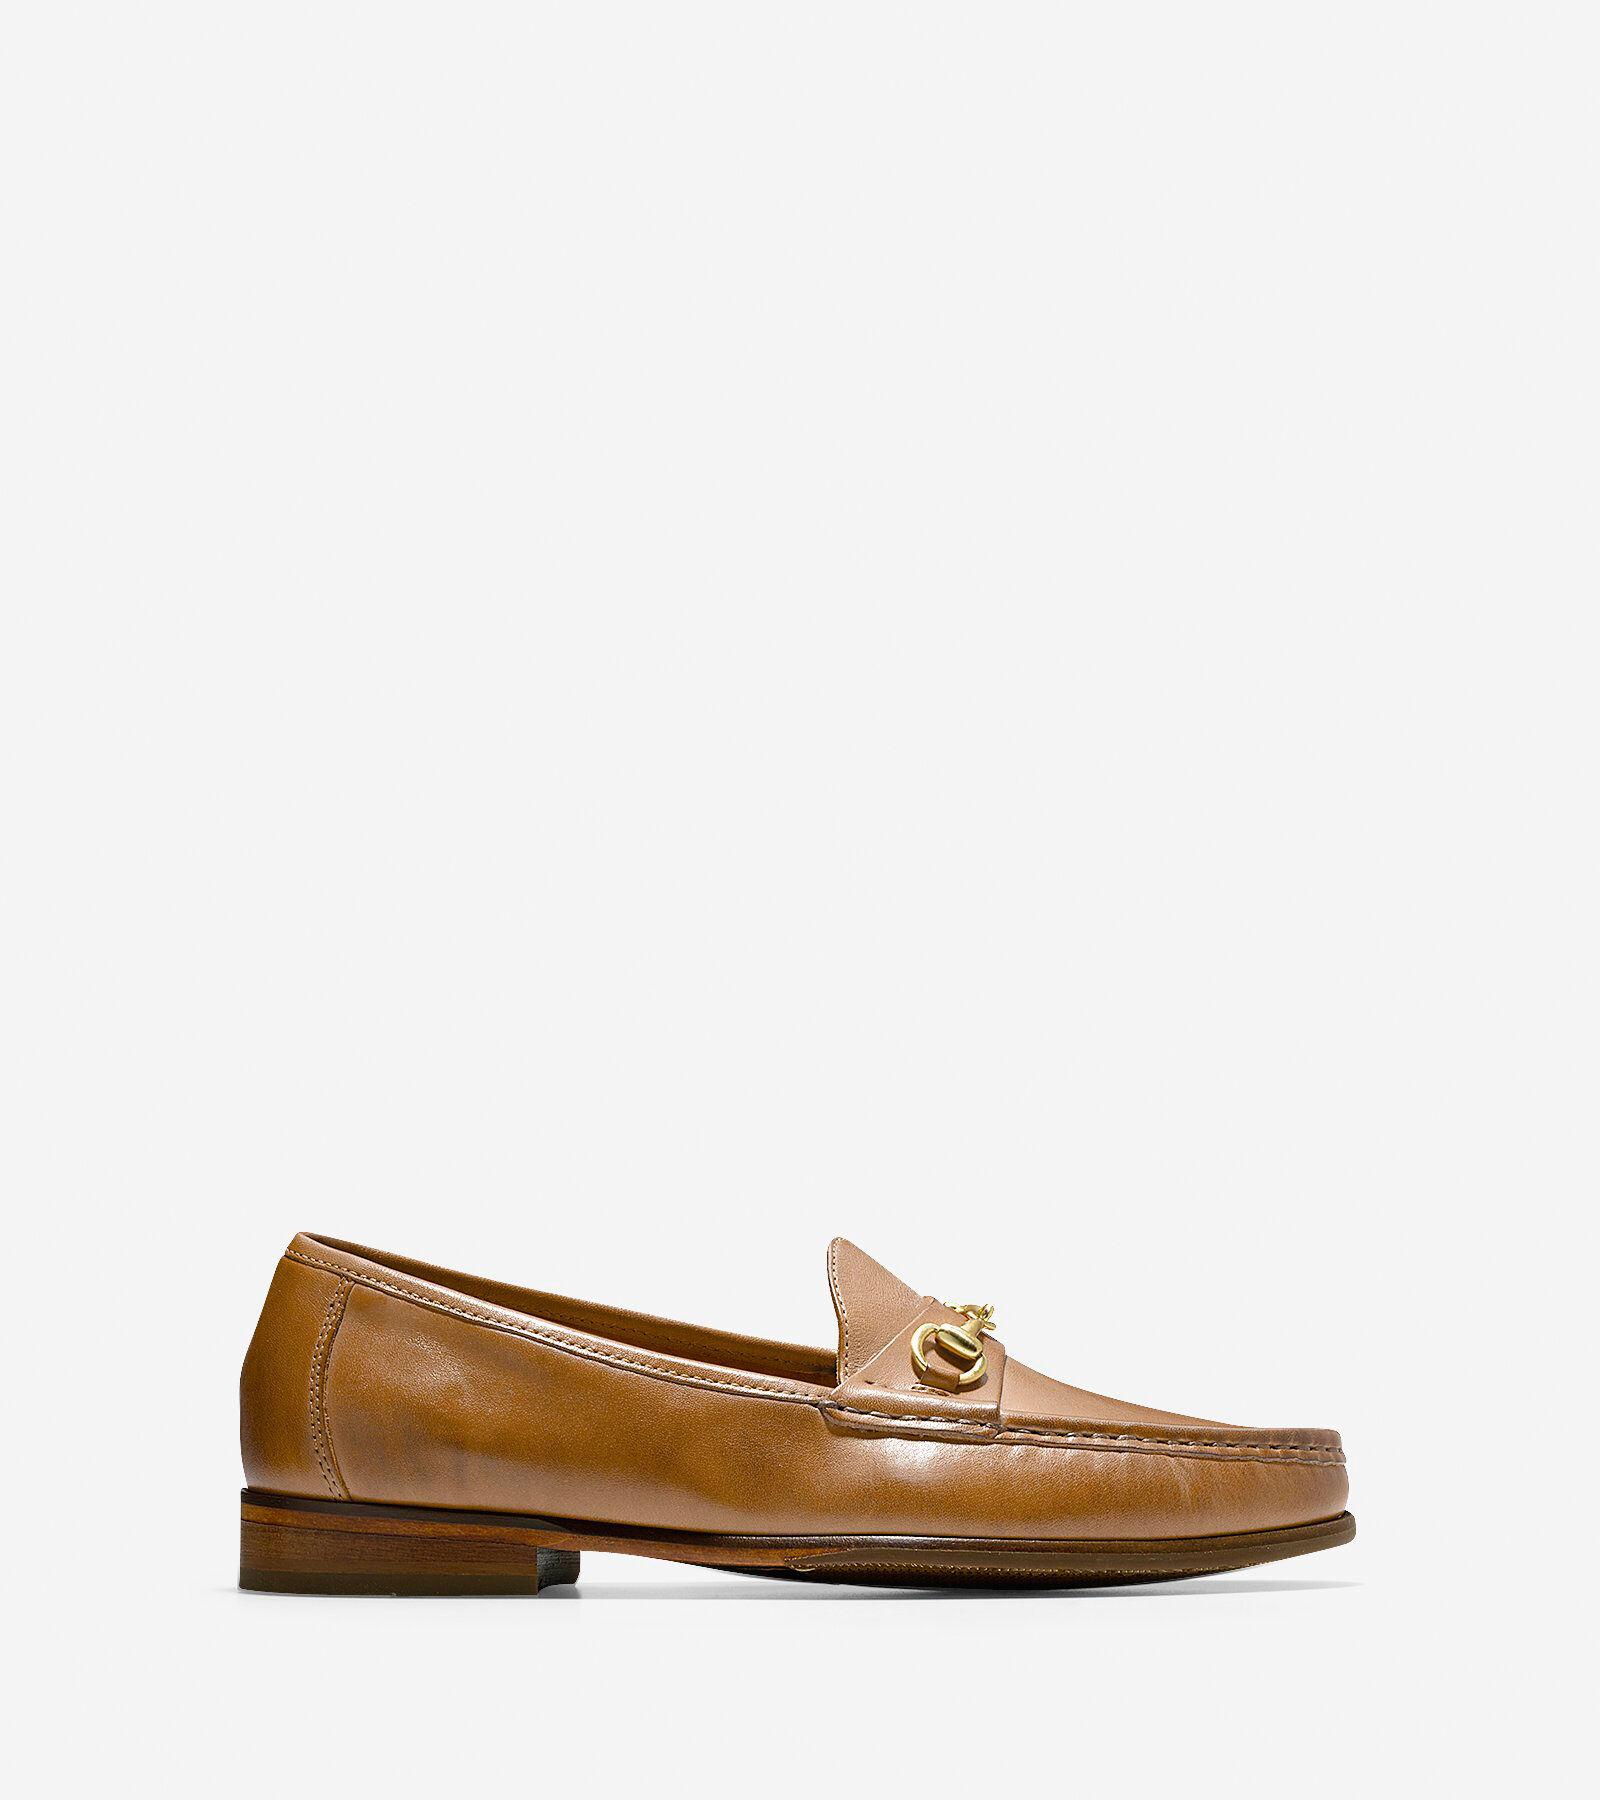 Men's Ascot Bit Loafers in British Tan